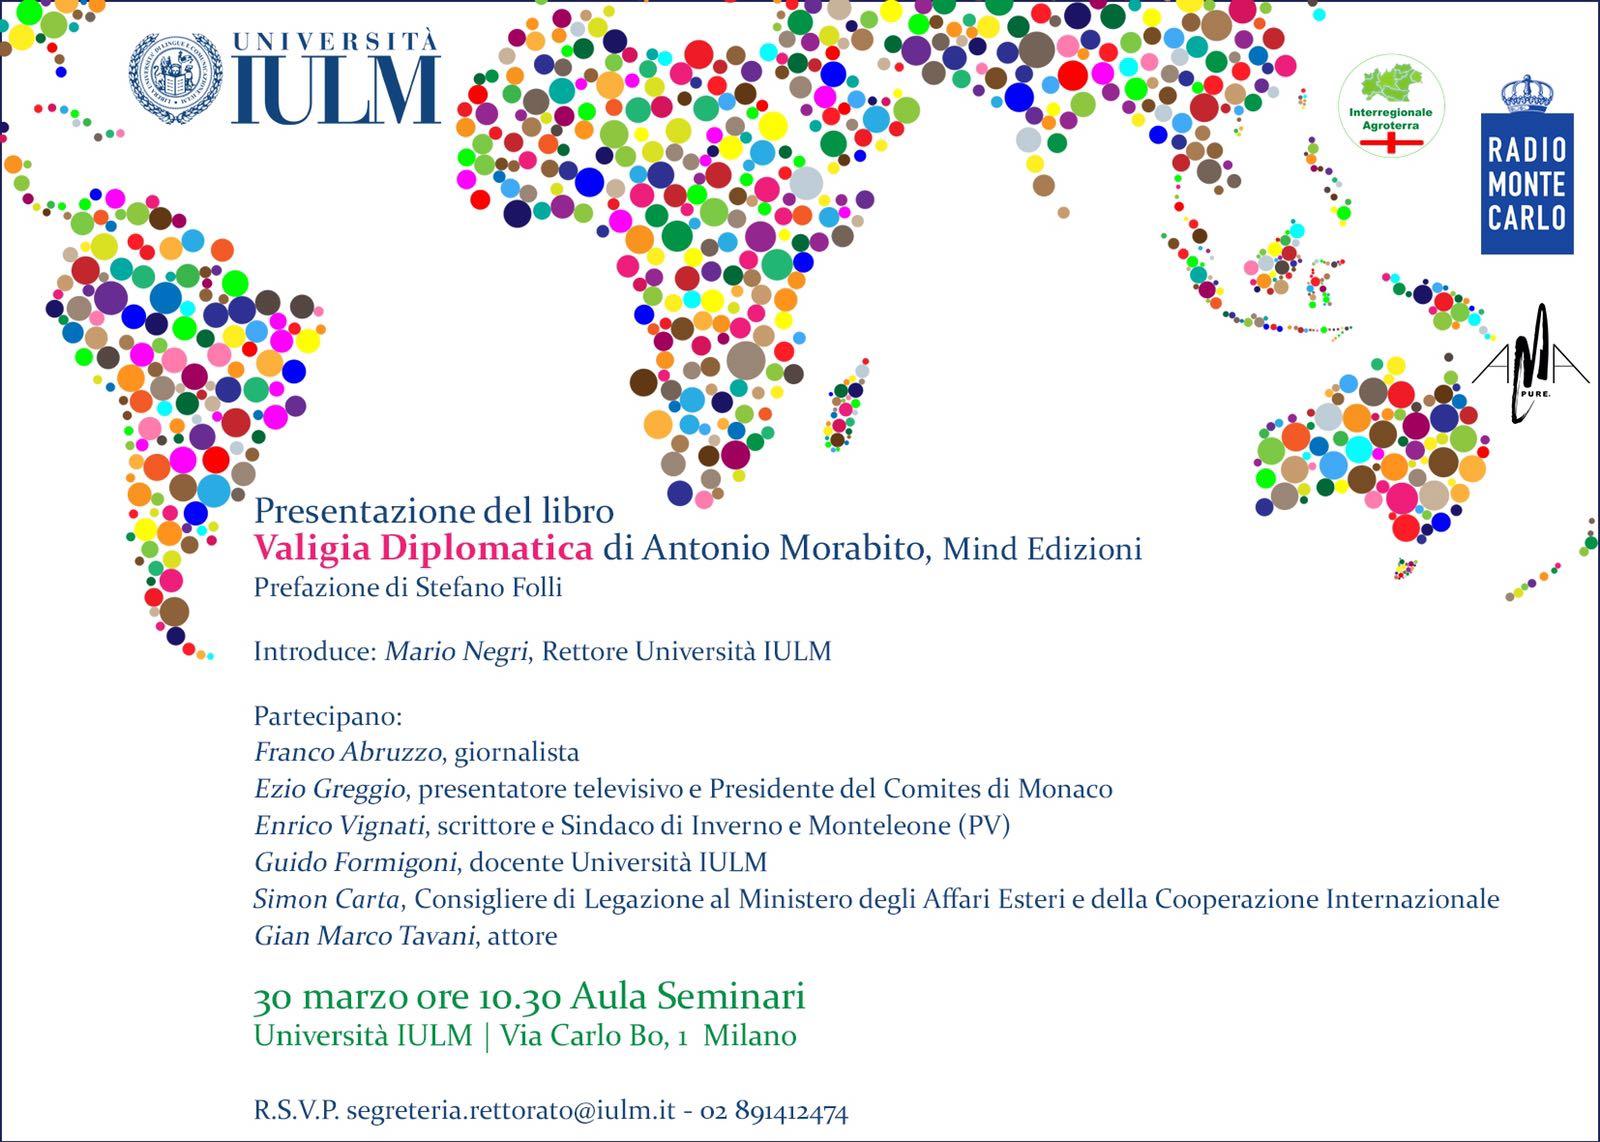 Presentazione libro, Valigia diplomatica di Antonio Morabito,Università IULM, Milano